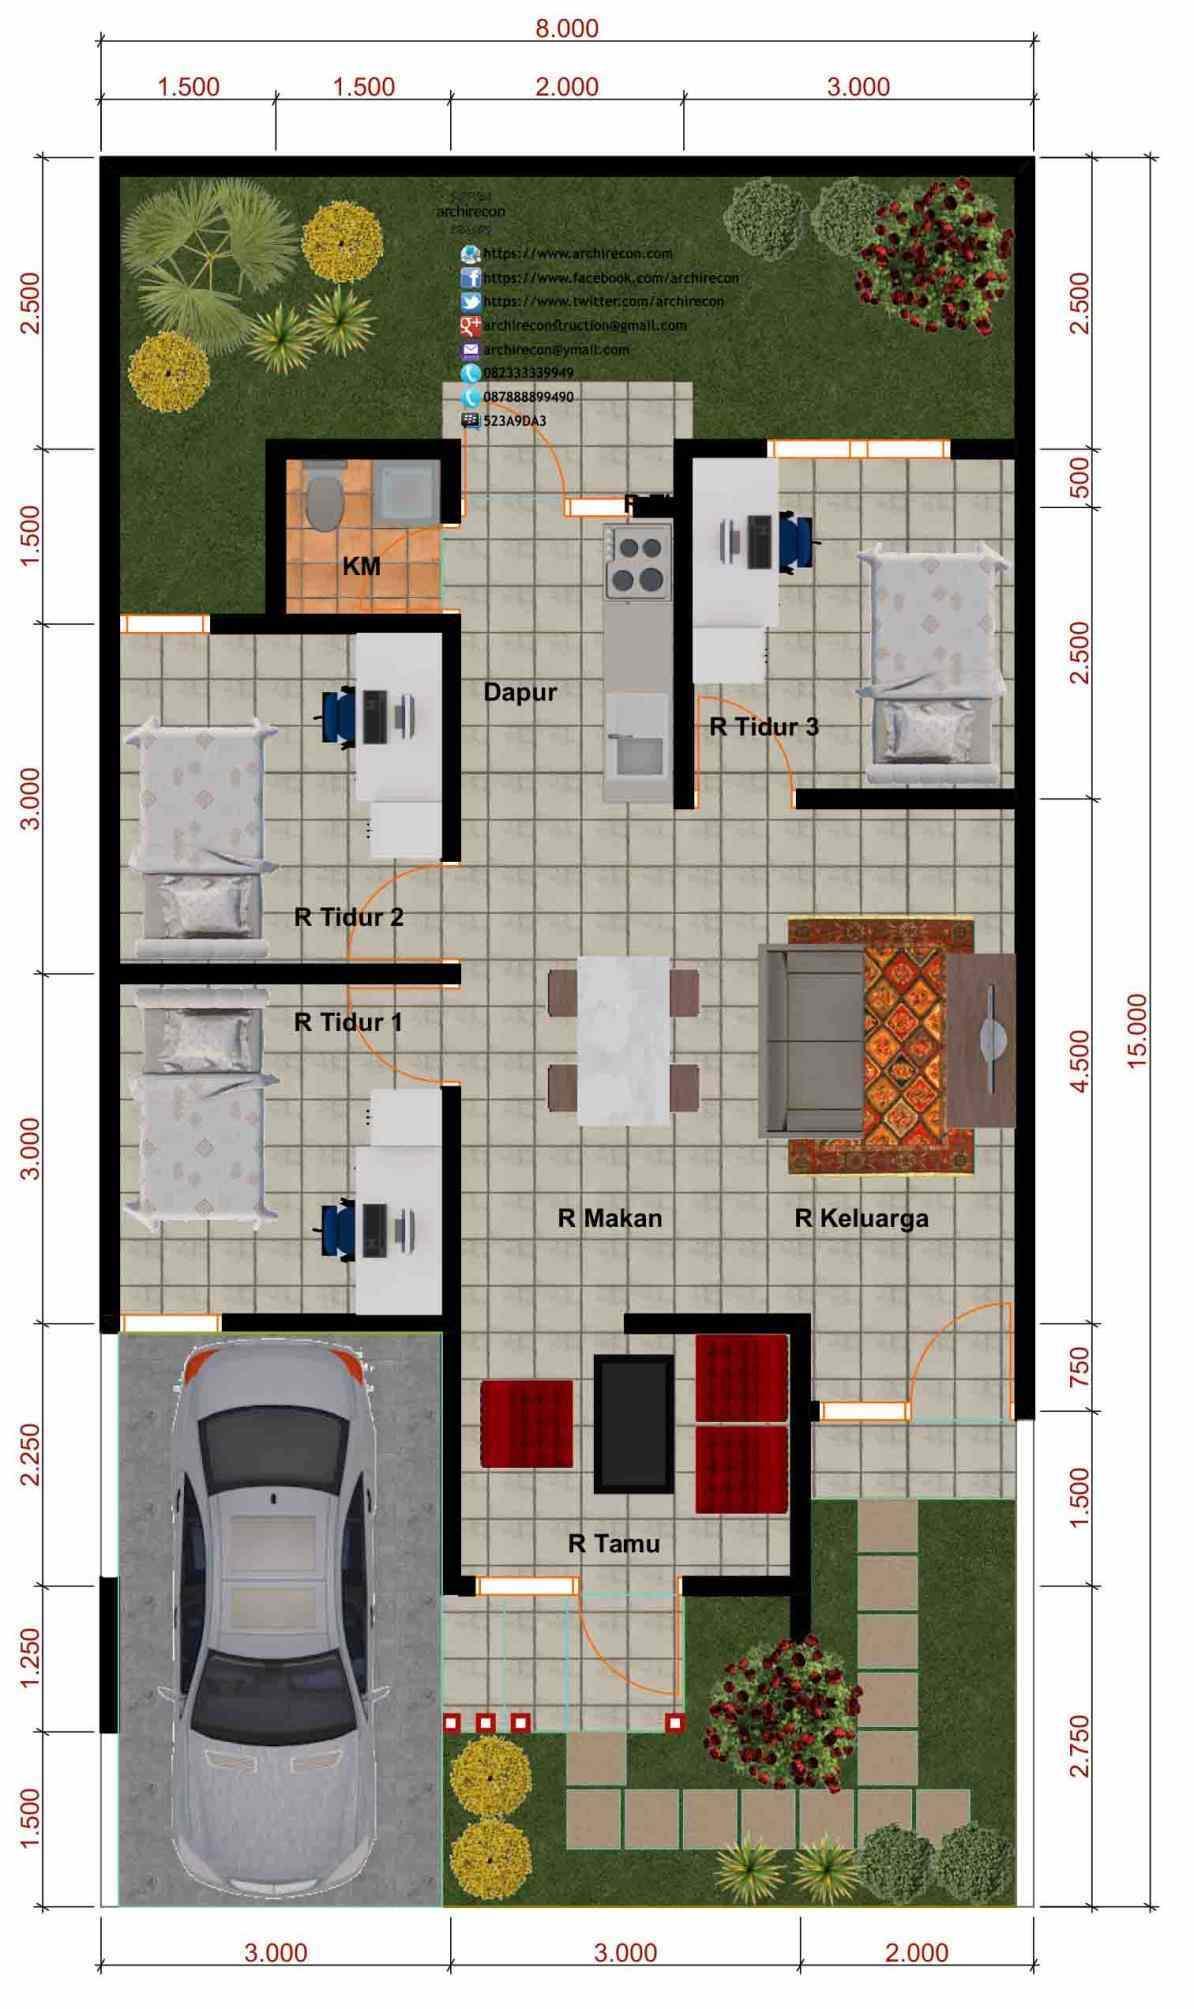 74 Ide Desain Denah Rumah Klasik 3 Kamar Tidur Kreatif Banget Deh - Deagam Design